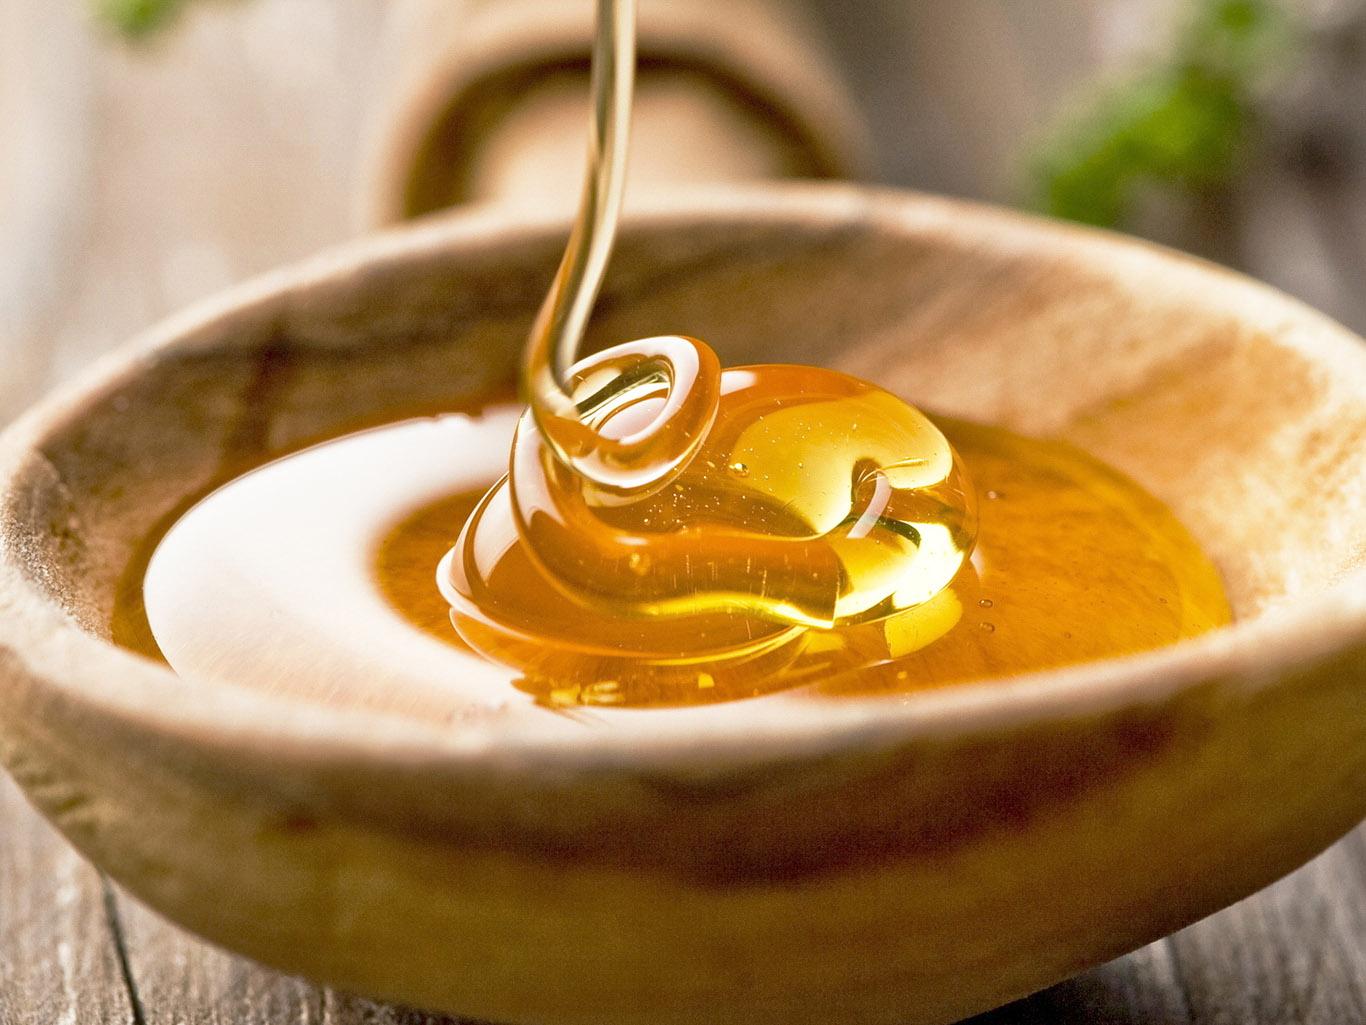 Мёд в рационе будущей мамы — поможет или навредит?